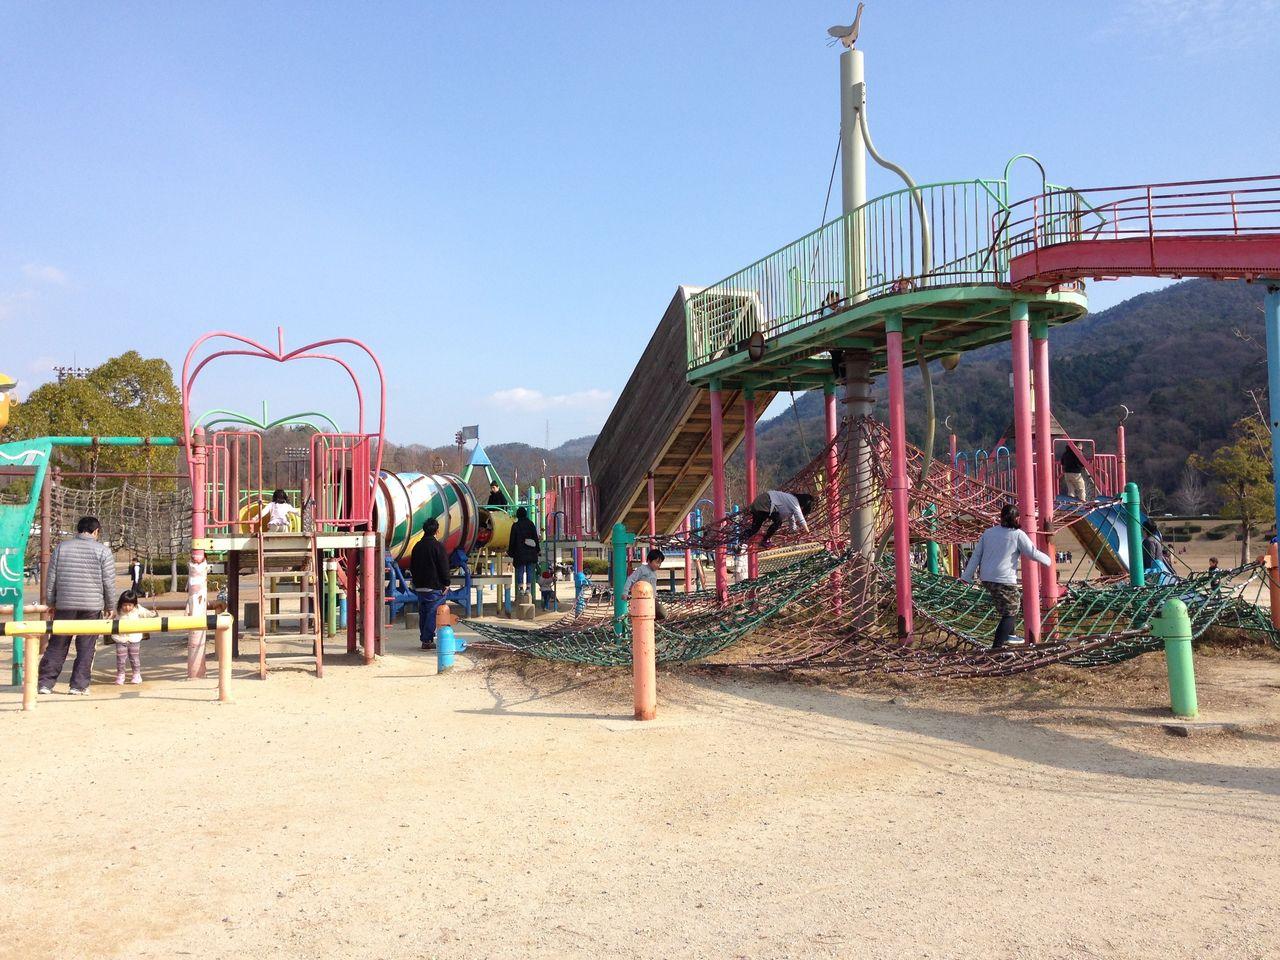 瀬野川公園(広島市安芸区) : 子どもといっしょに何する?@広島